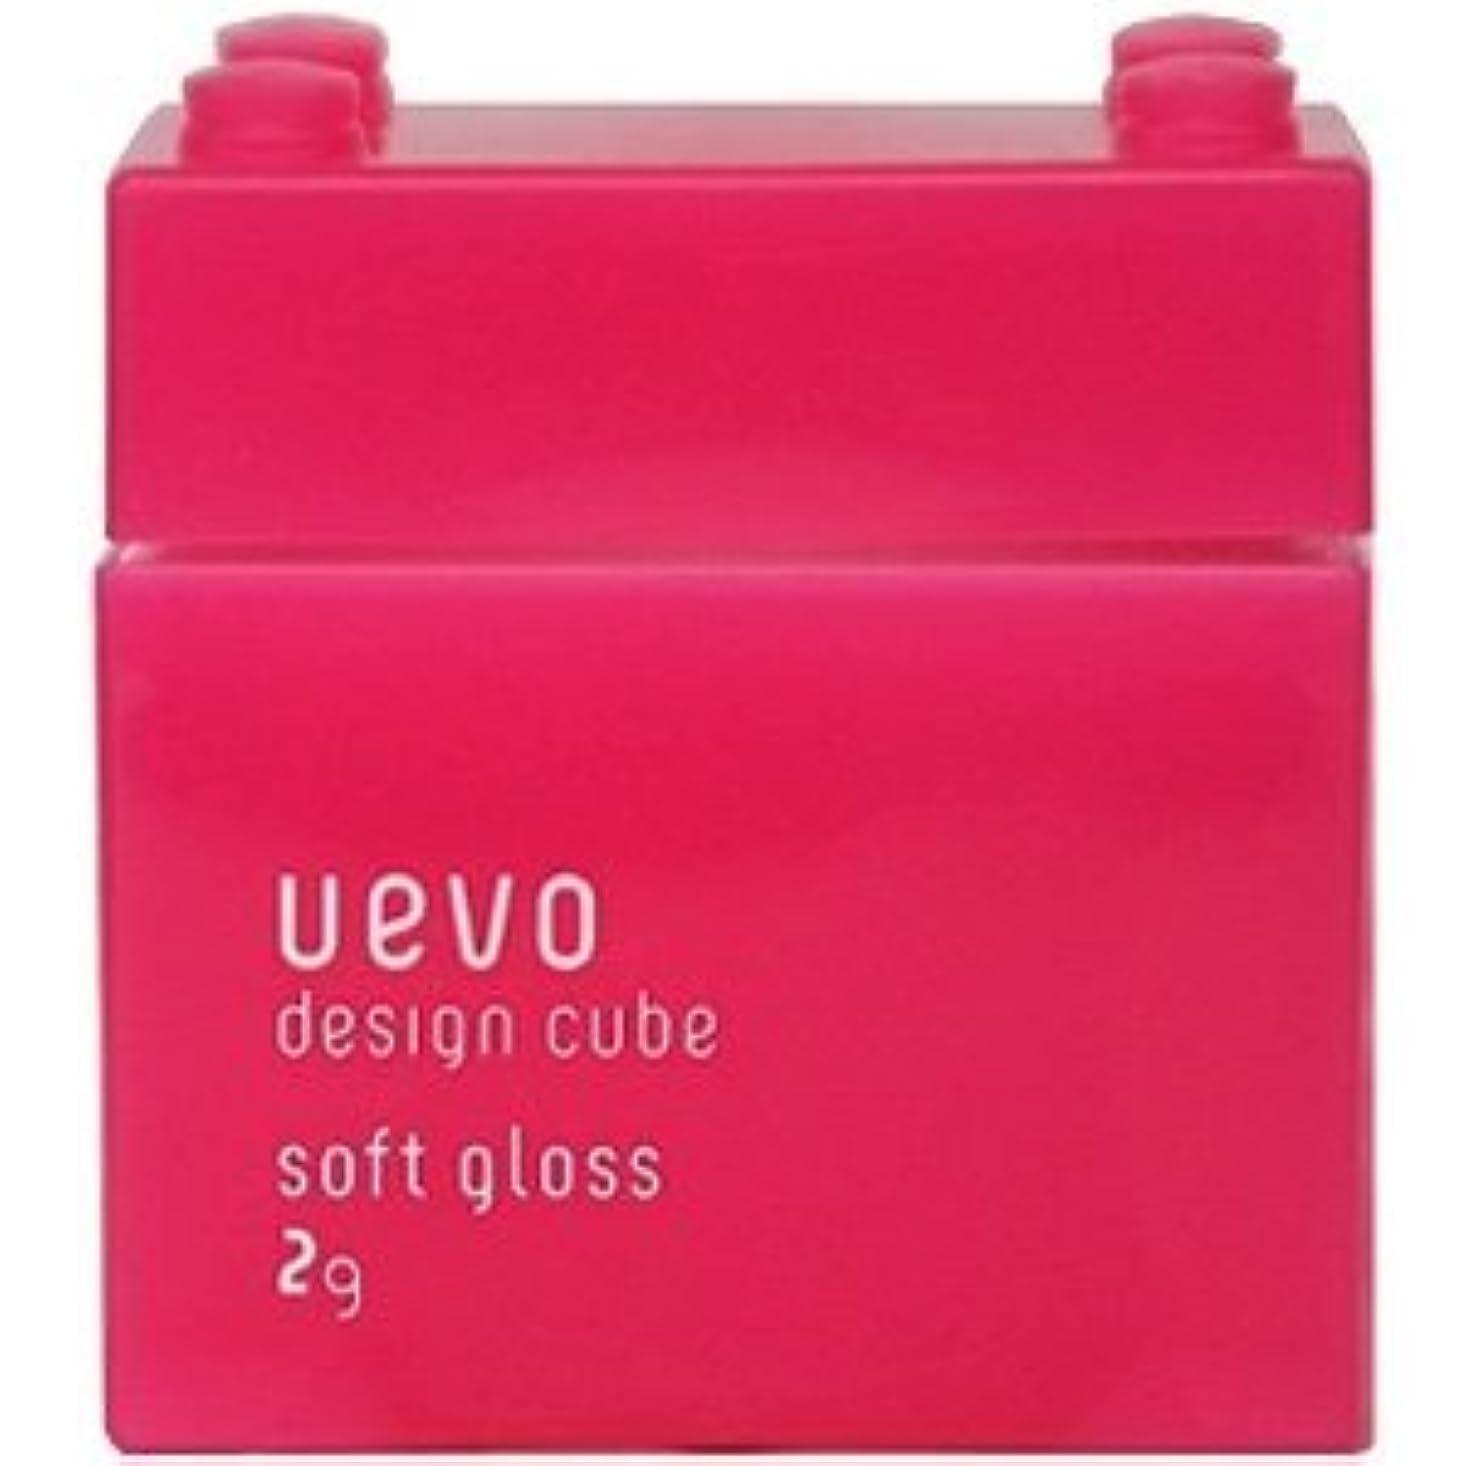 面白い安心させる手を差し伸べる【X3個セット】 デミ ウェーボ デザインキューブ ソフトグロス 80g soft gloss DEMI uevo design cube